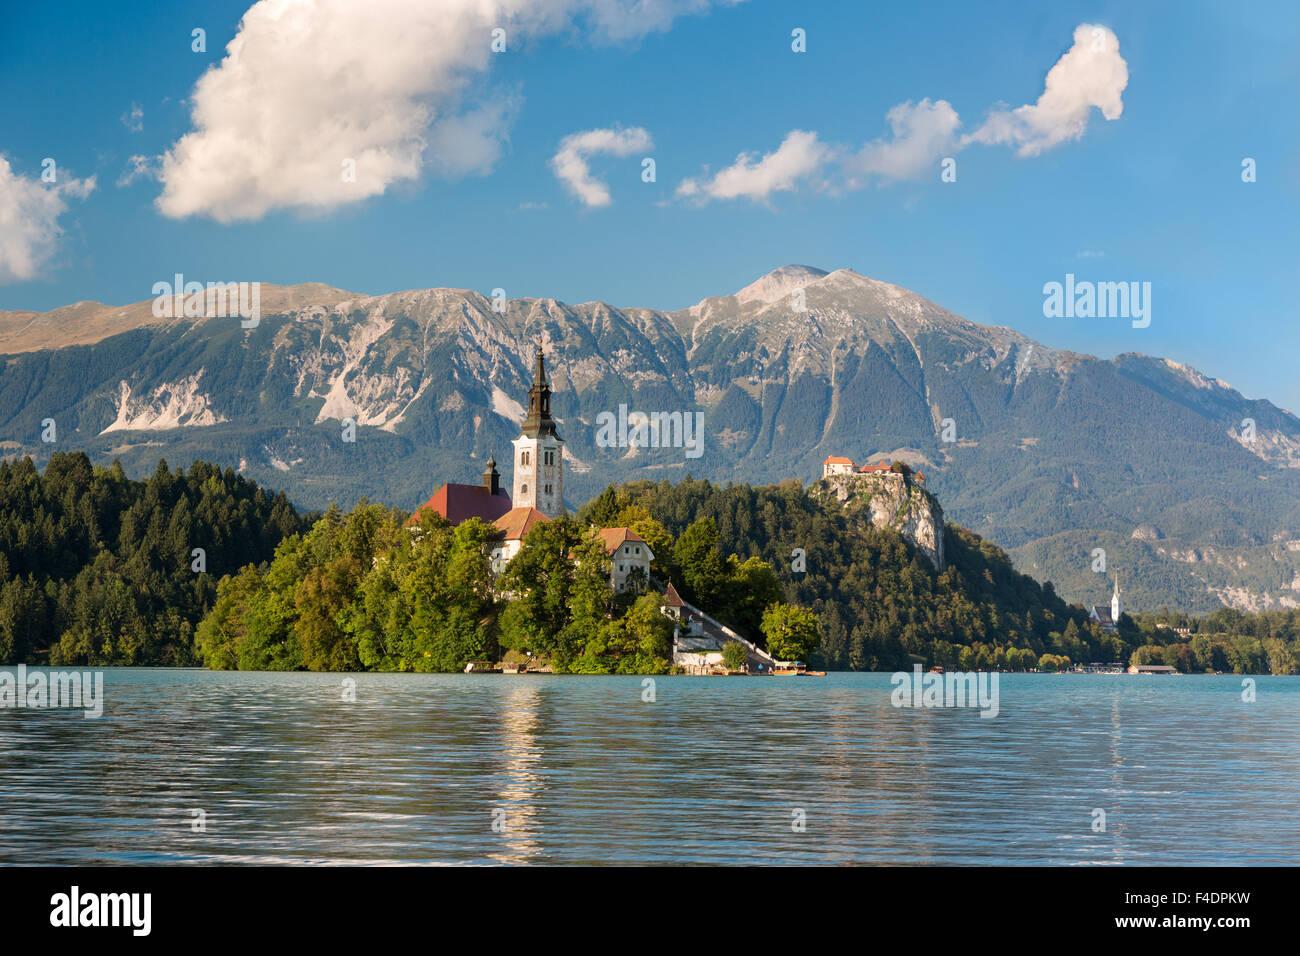 Island at Lake Bled at a sunny day, Slovenia - Stock Image